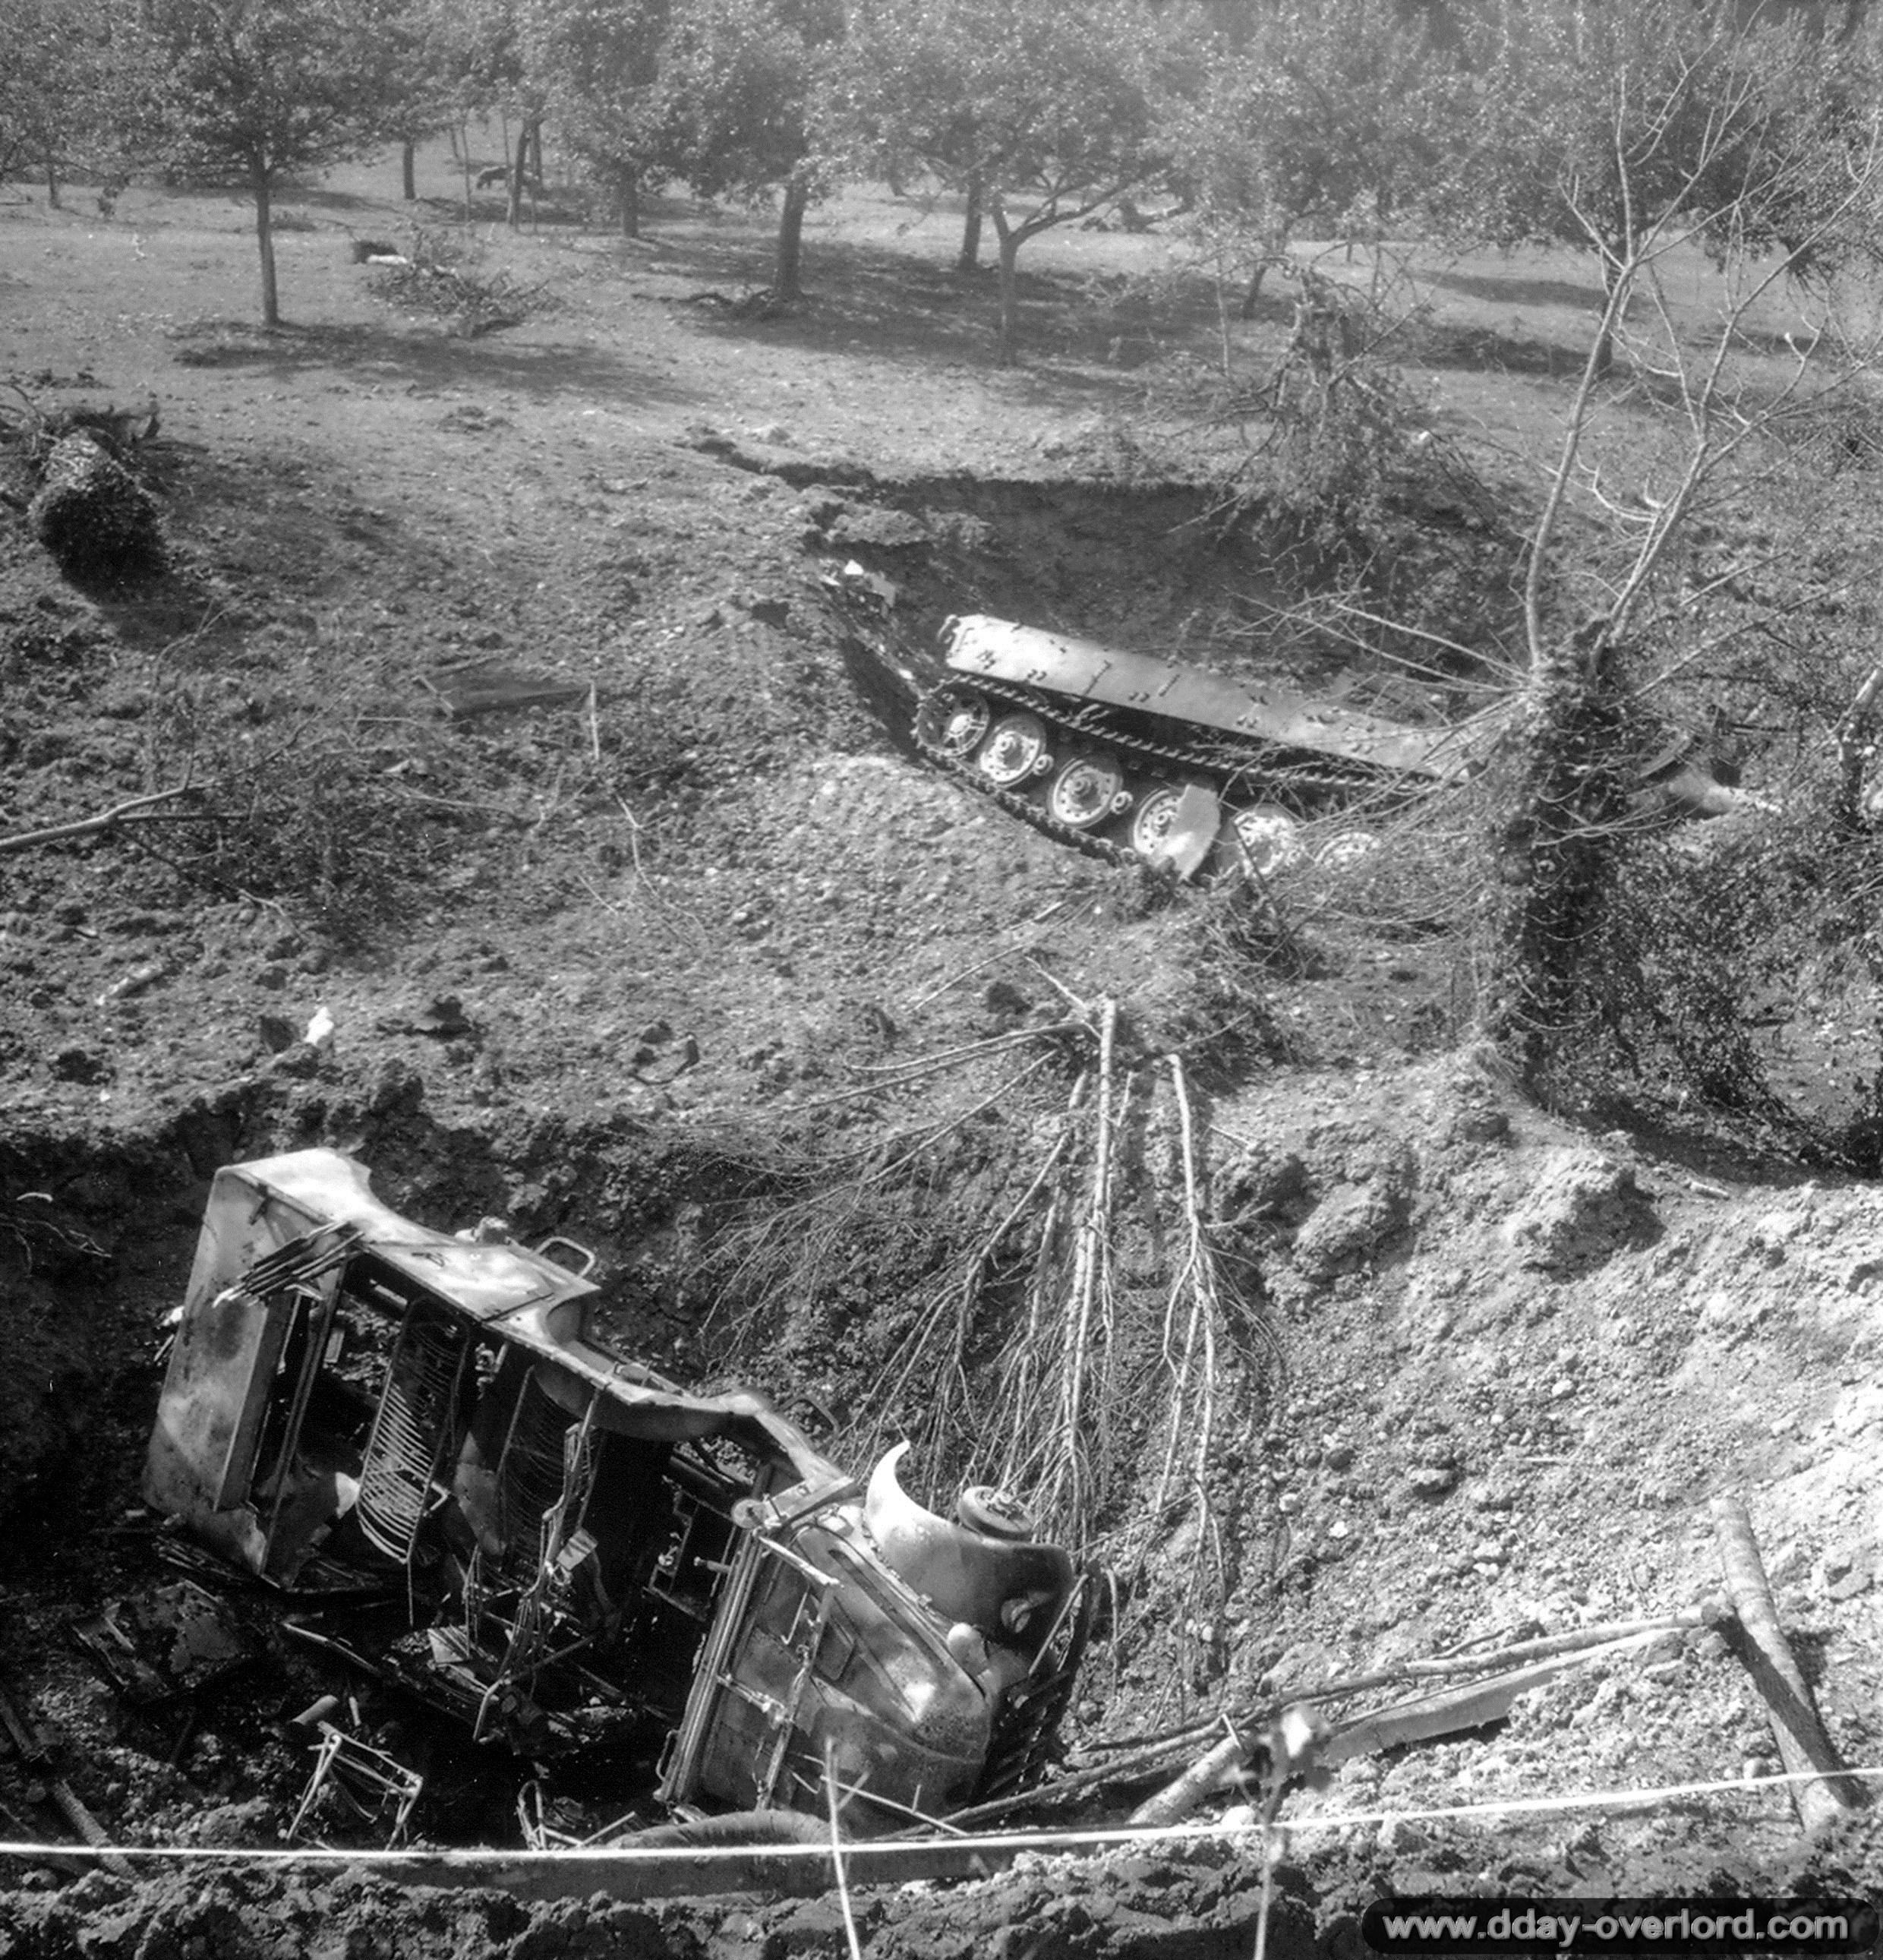 Архивные фотографии второй мировой войны (фото) - острог инф.